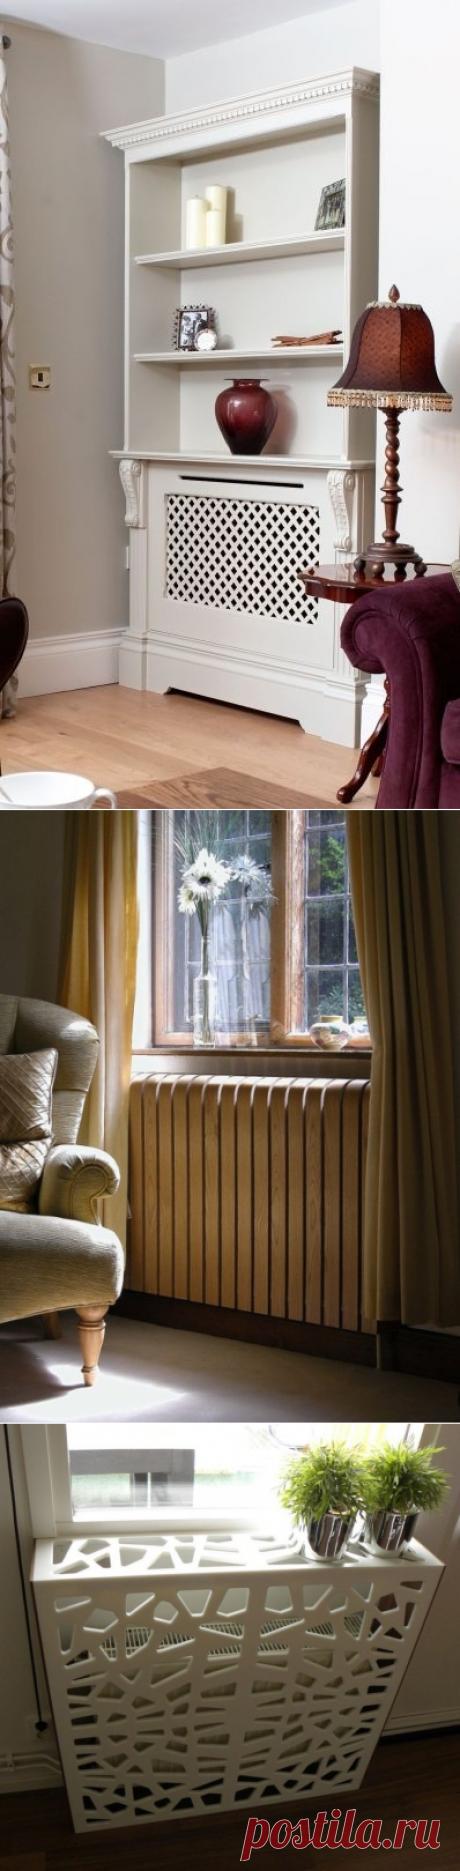 Маскируем радиаторы - Дизайн интерьеров | Идеи вашего дома | Lodgers